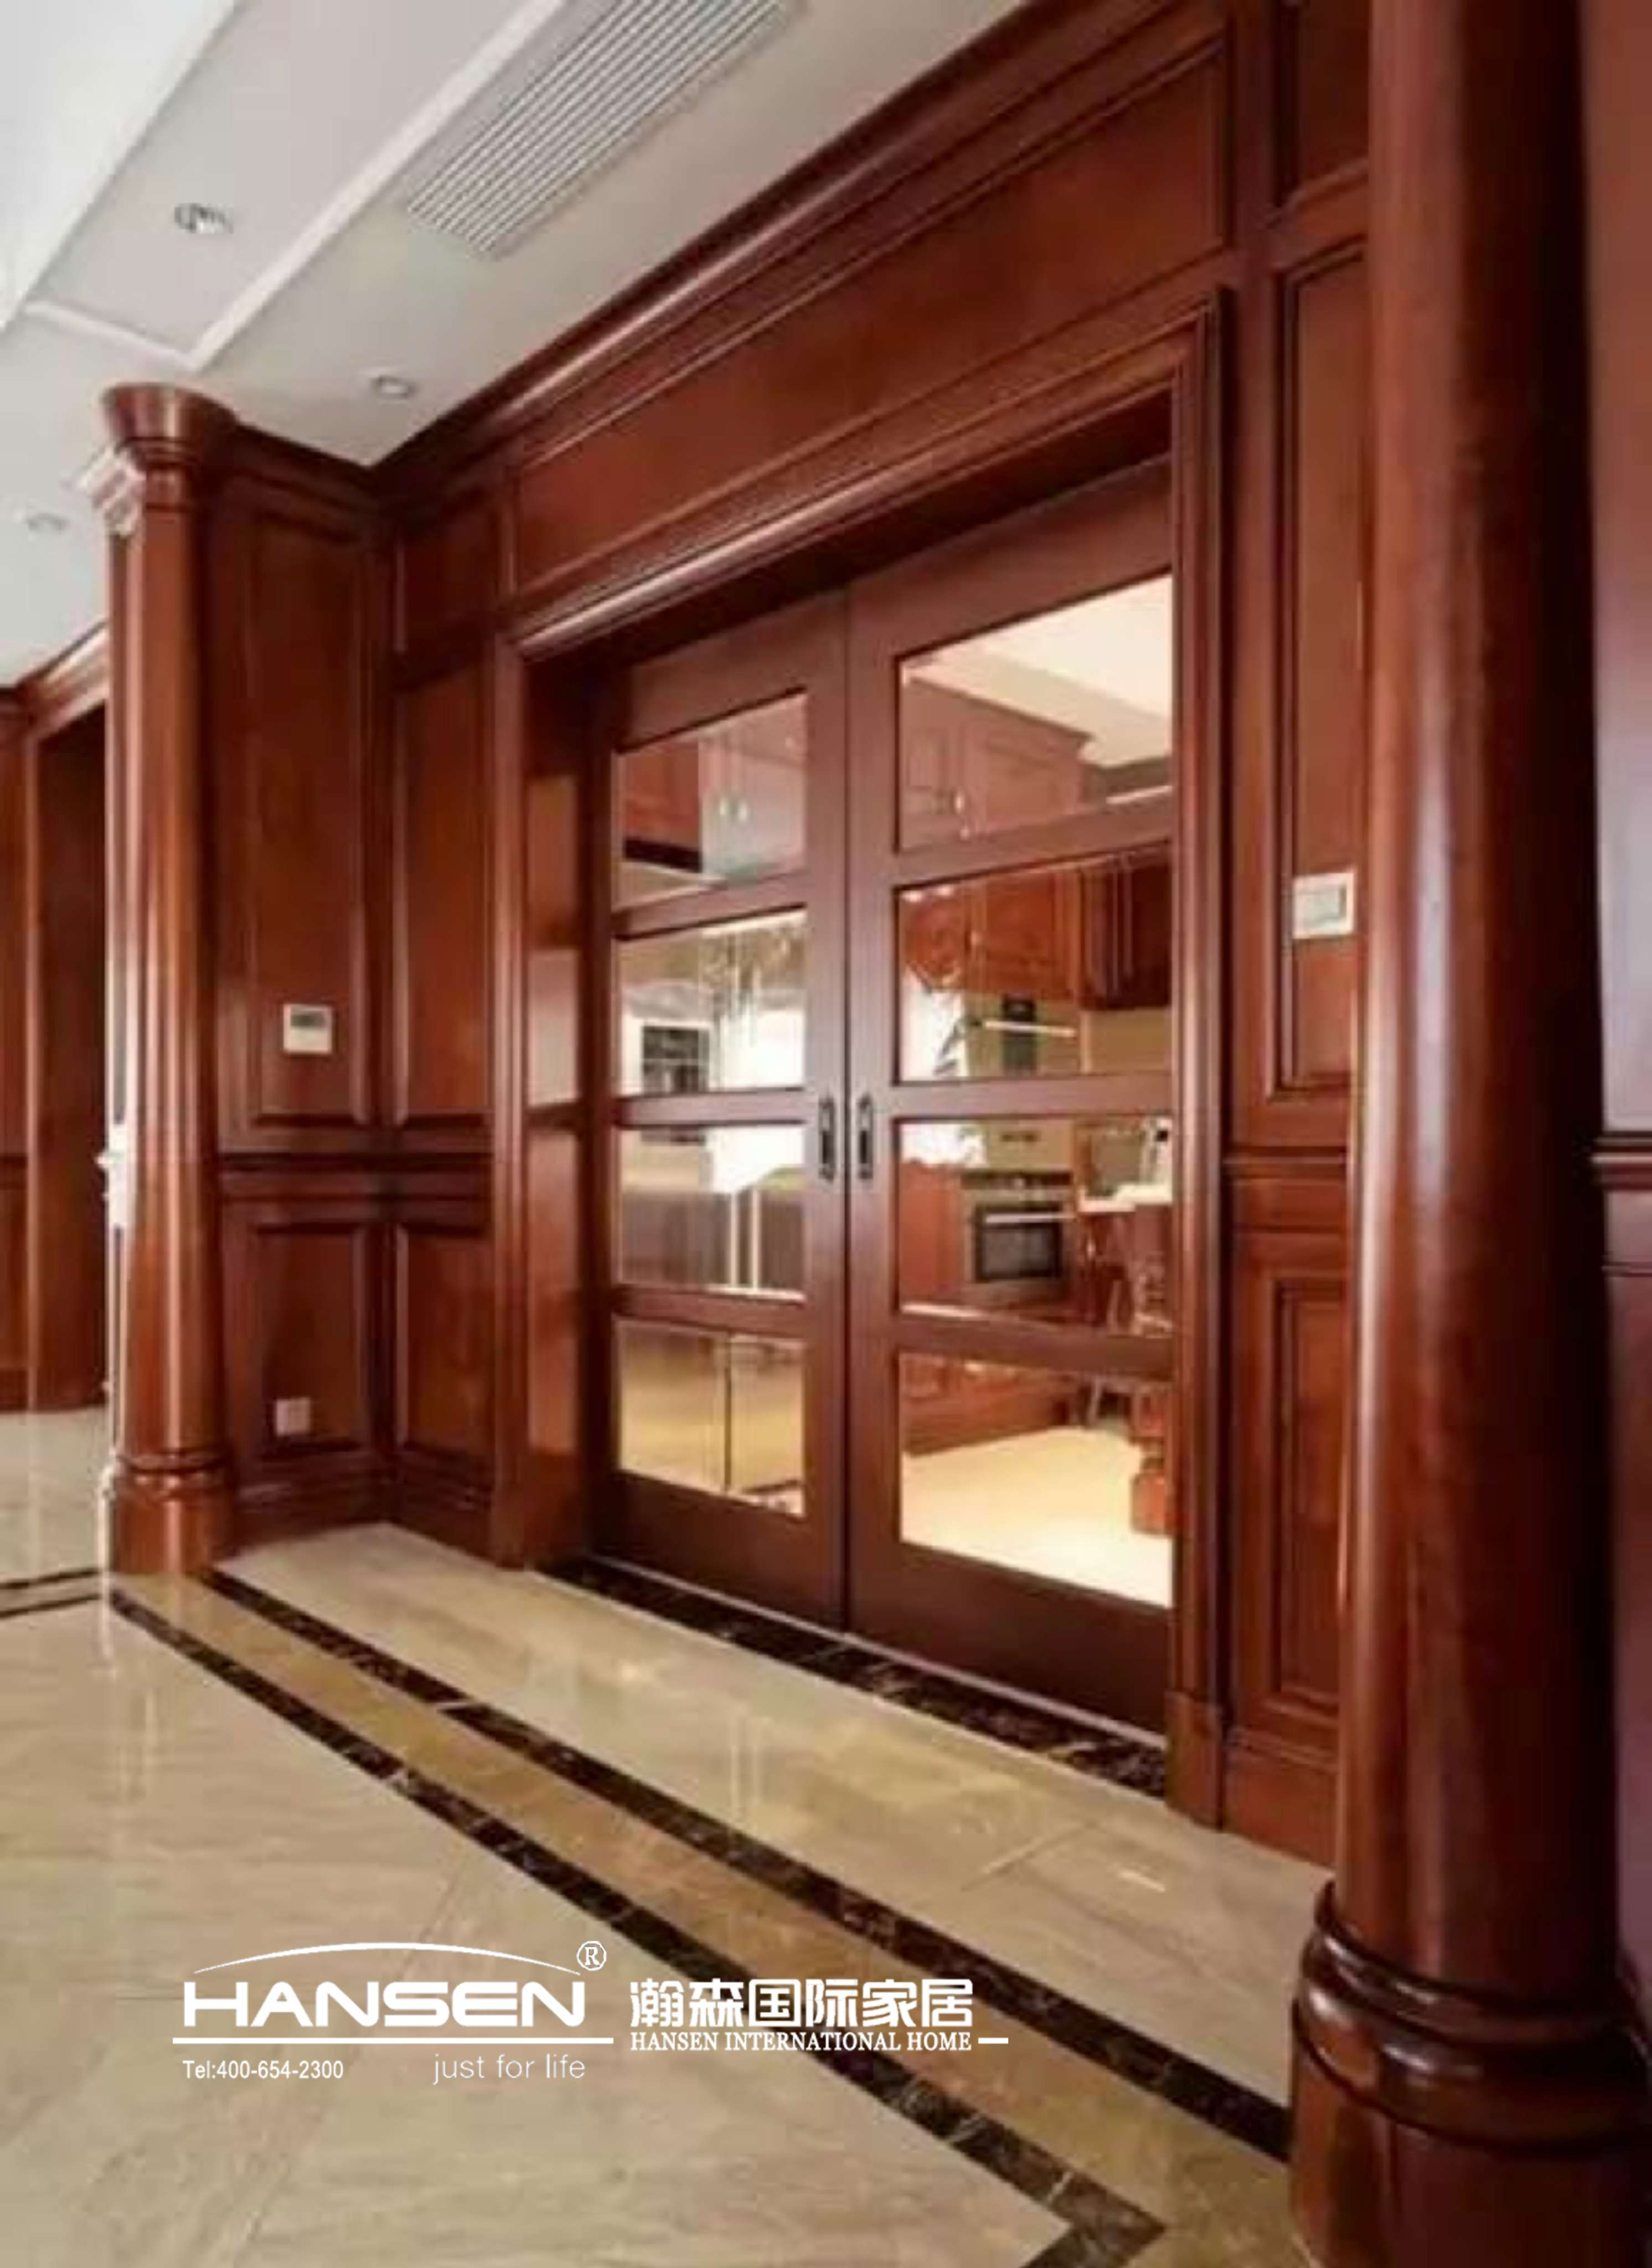 瀚森整木打造家居定制三居室教你逆袭美式风乐高做建筑设计图片